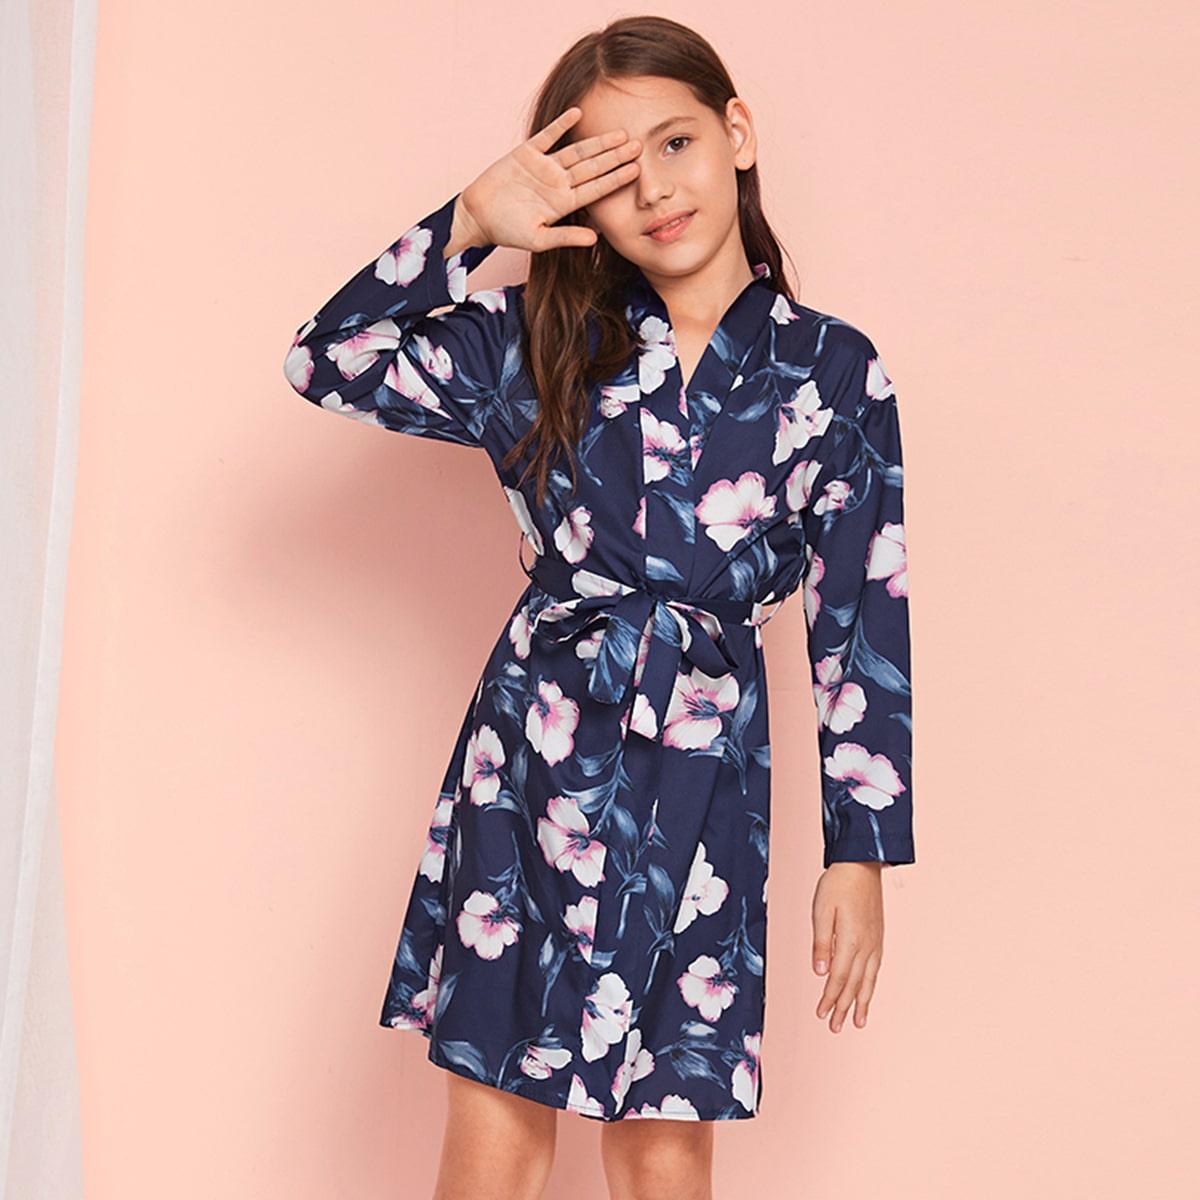 SHEIN / Mädchen Floral Belted Satin Robe